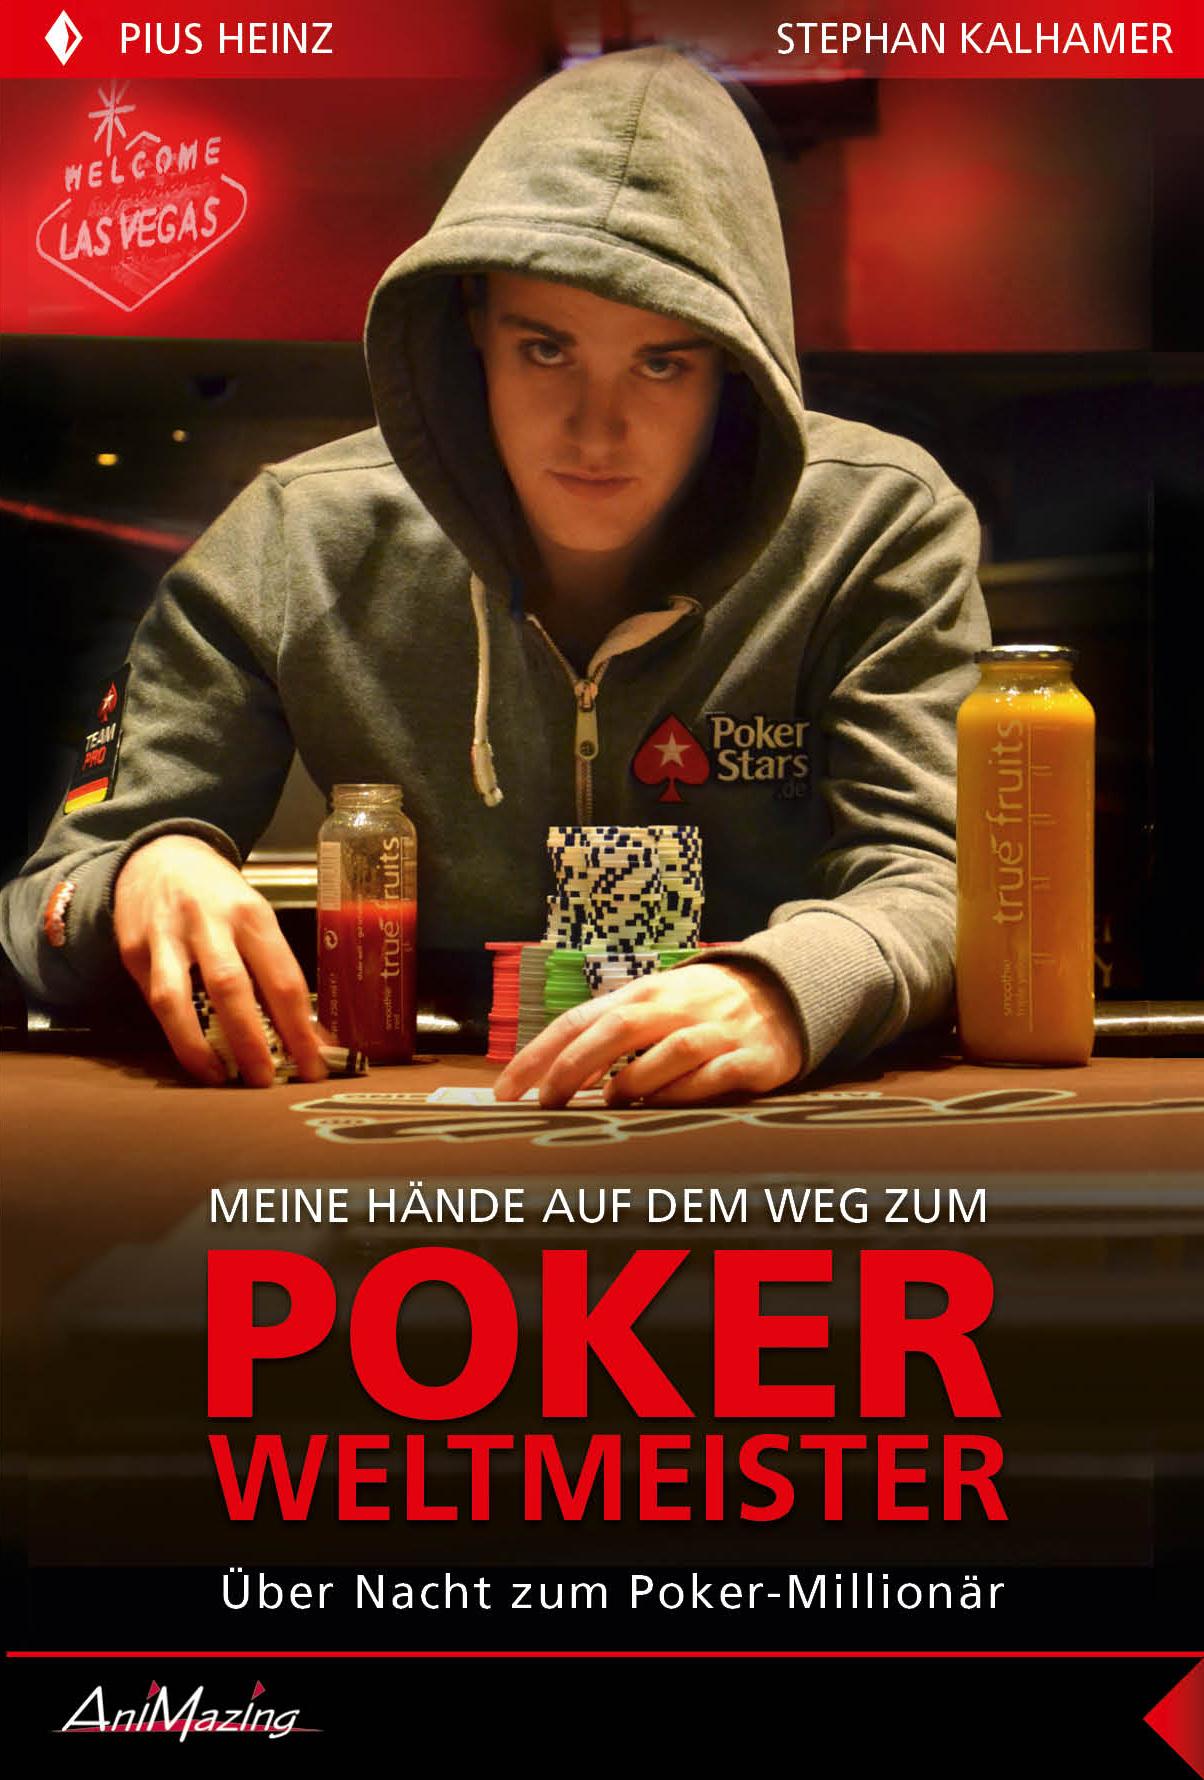 Pius Heinz: Meine Hände auf dem Weg zum Poker Weltmeister: Über Nacht zum Poker-Millionär - Pius Heinz